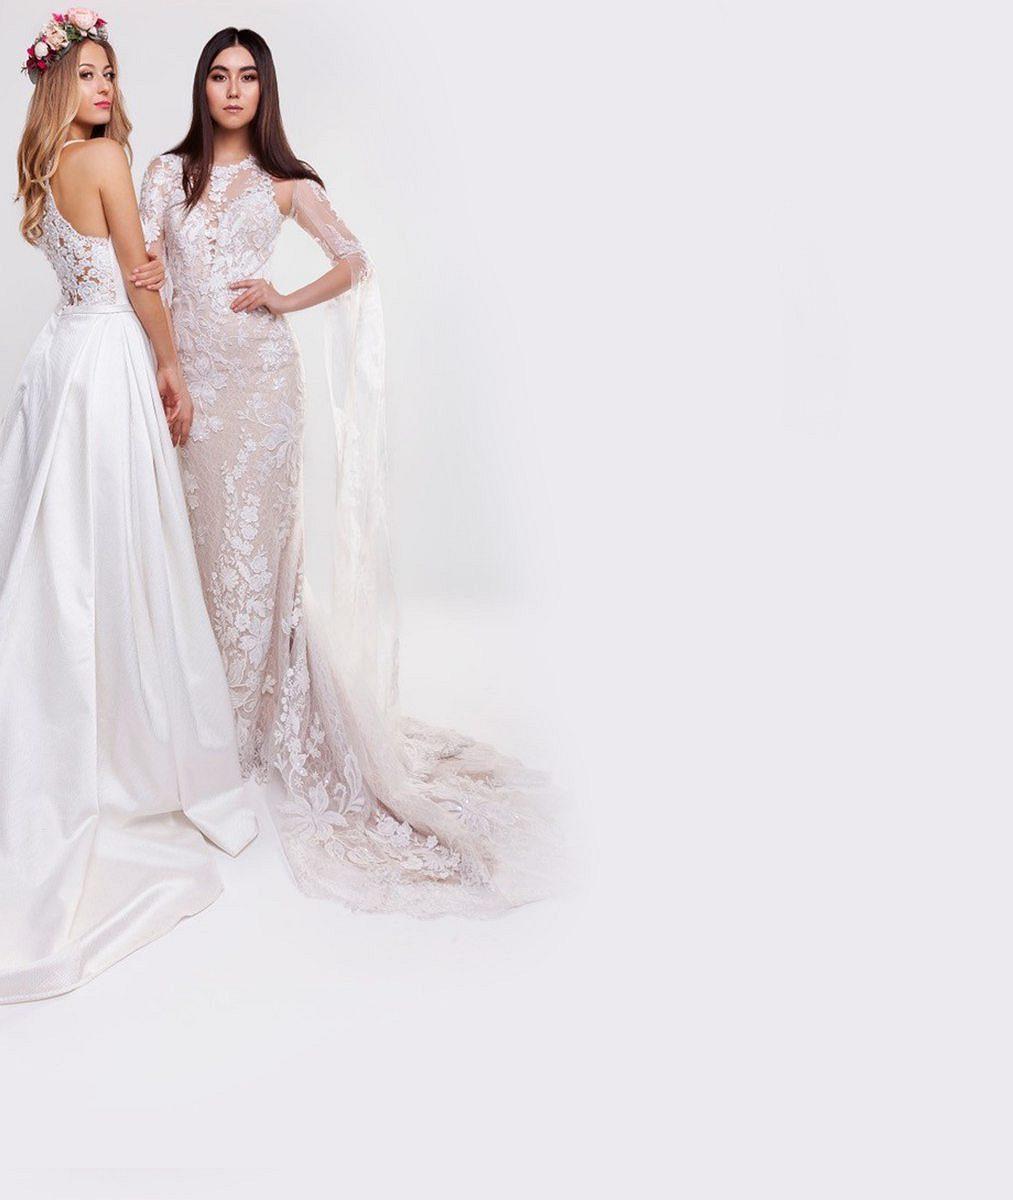 Přítele tato kráska sjaponskými kořeny sice nemá, svatební šaty už má ale vybrané